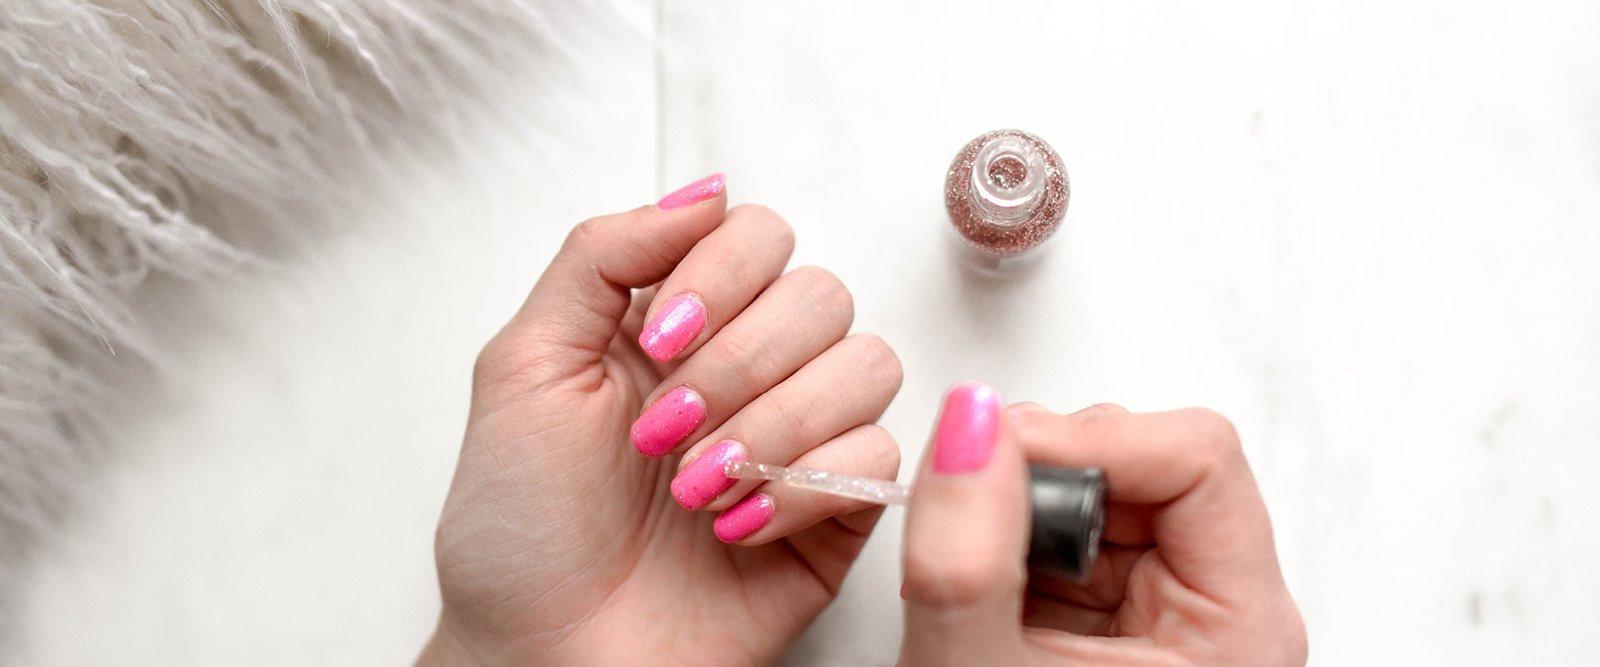 Mains et pieds - Découvrir les produits de la catégorie - SoBeauty